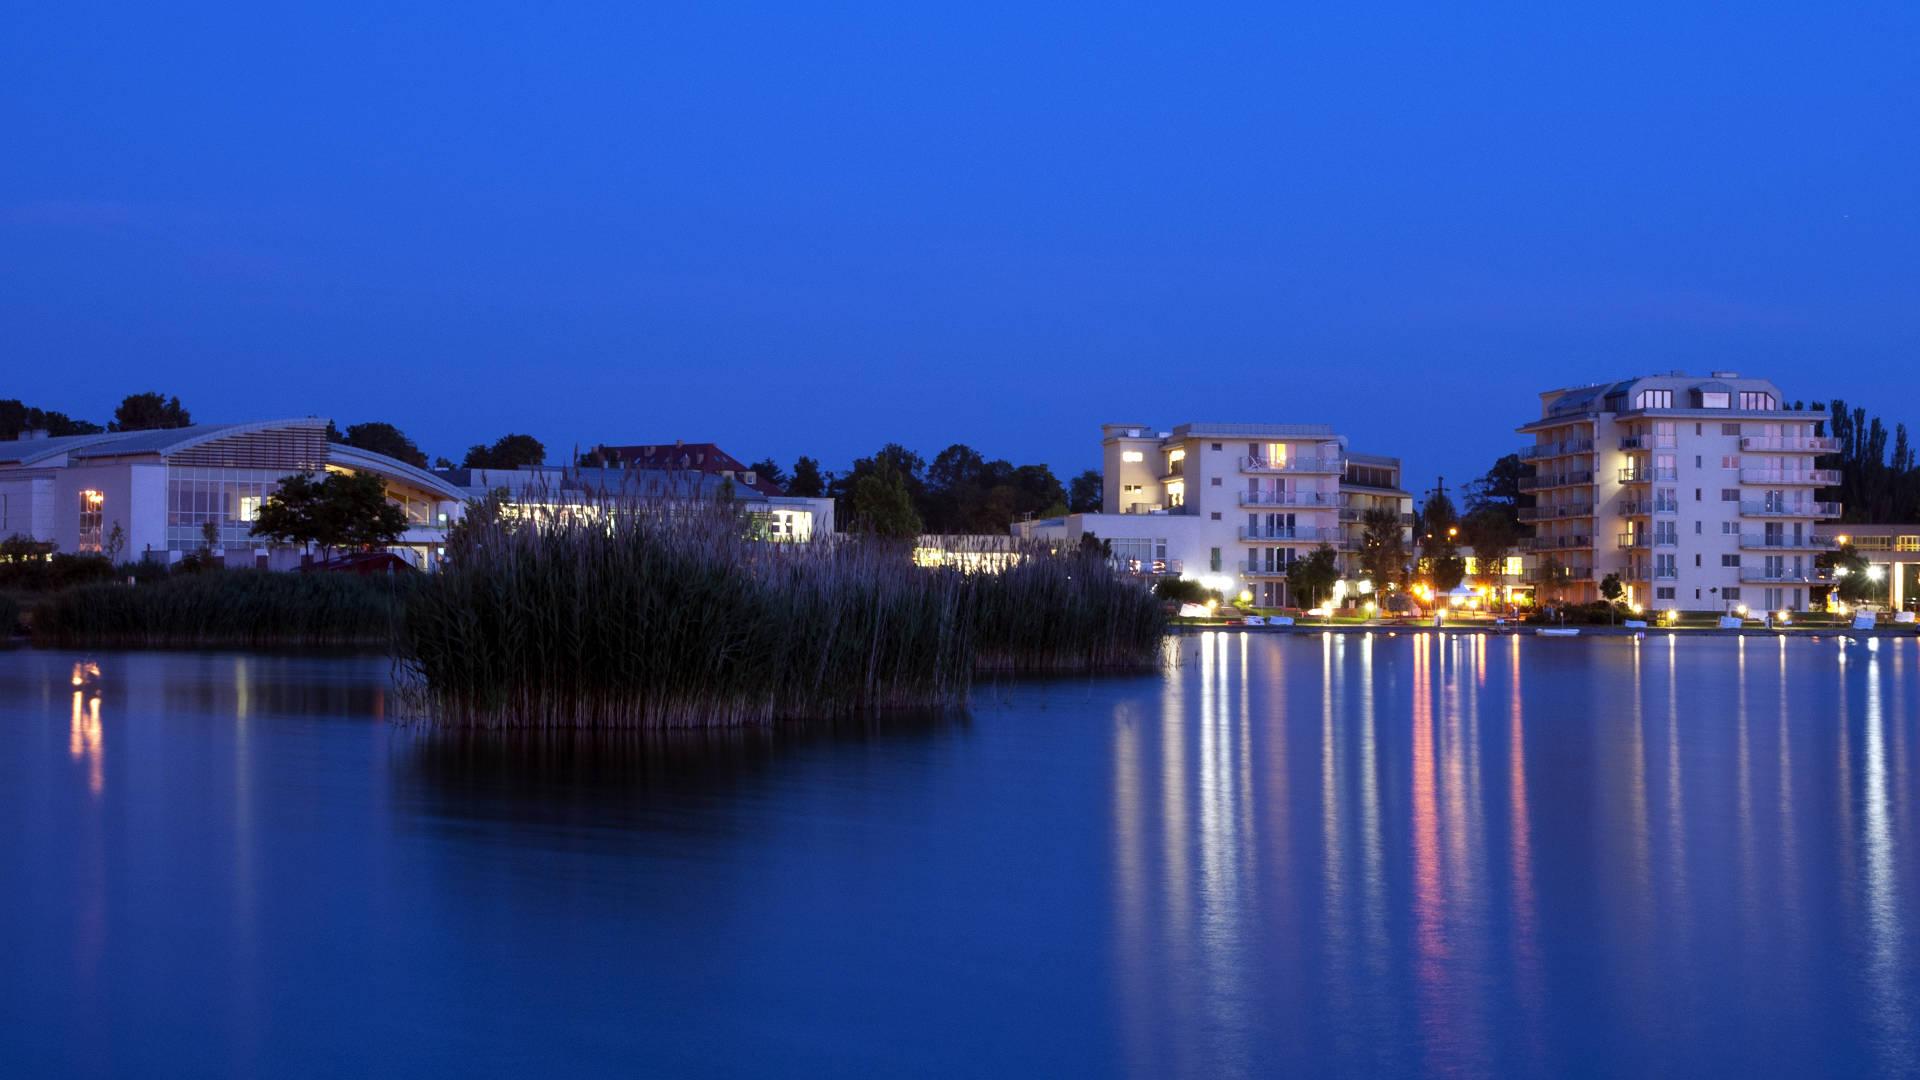 Velence Resort & Spa - Fotó az épületről